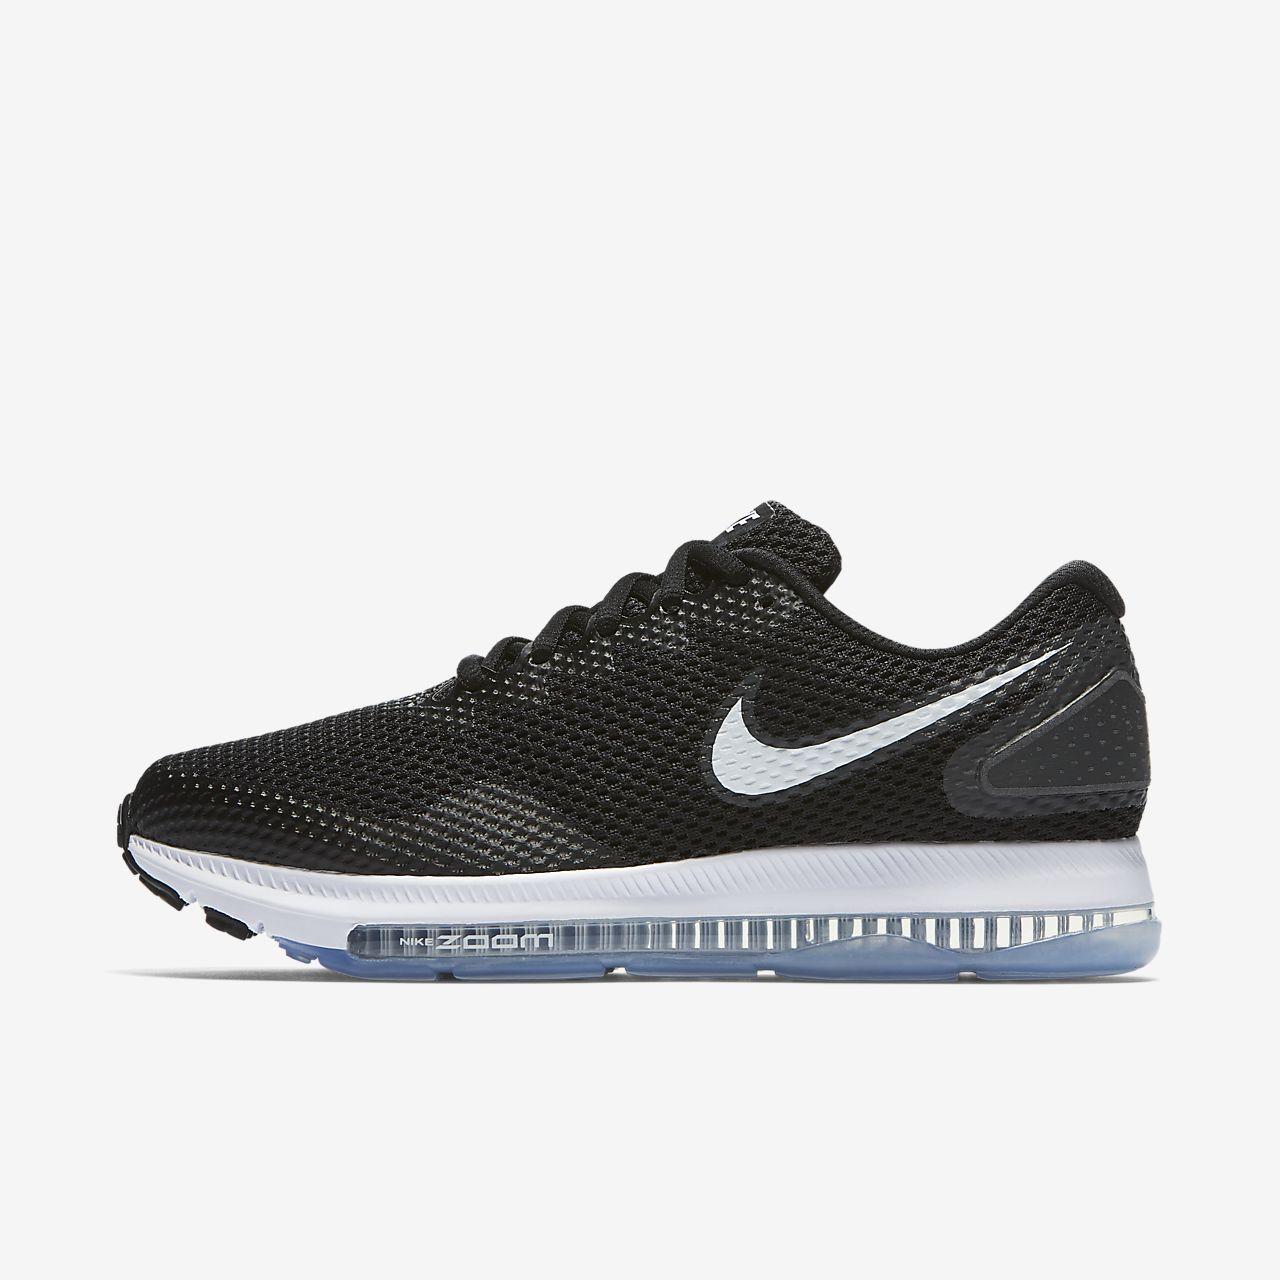 Nike Flyknit-0036